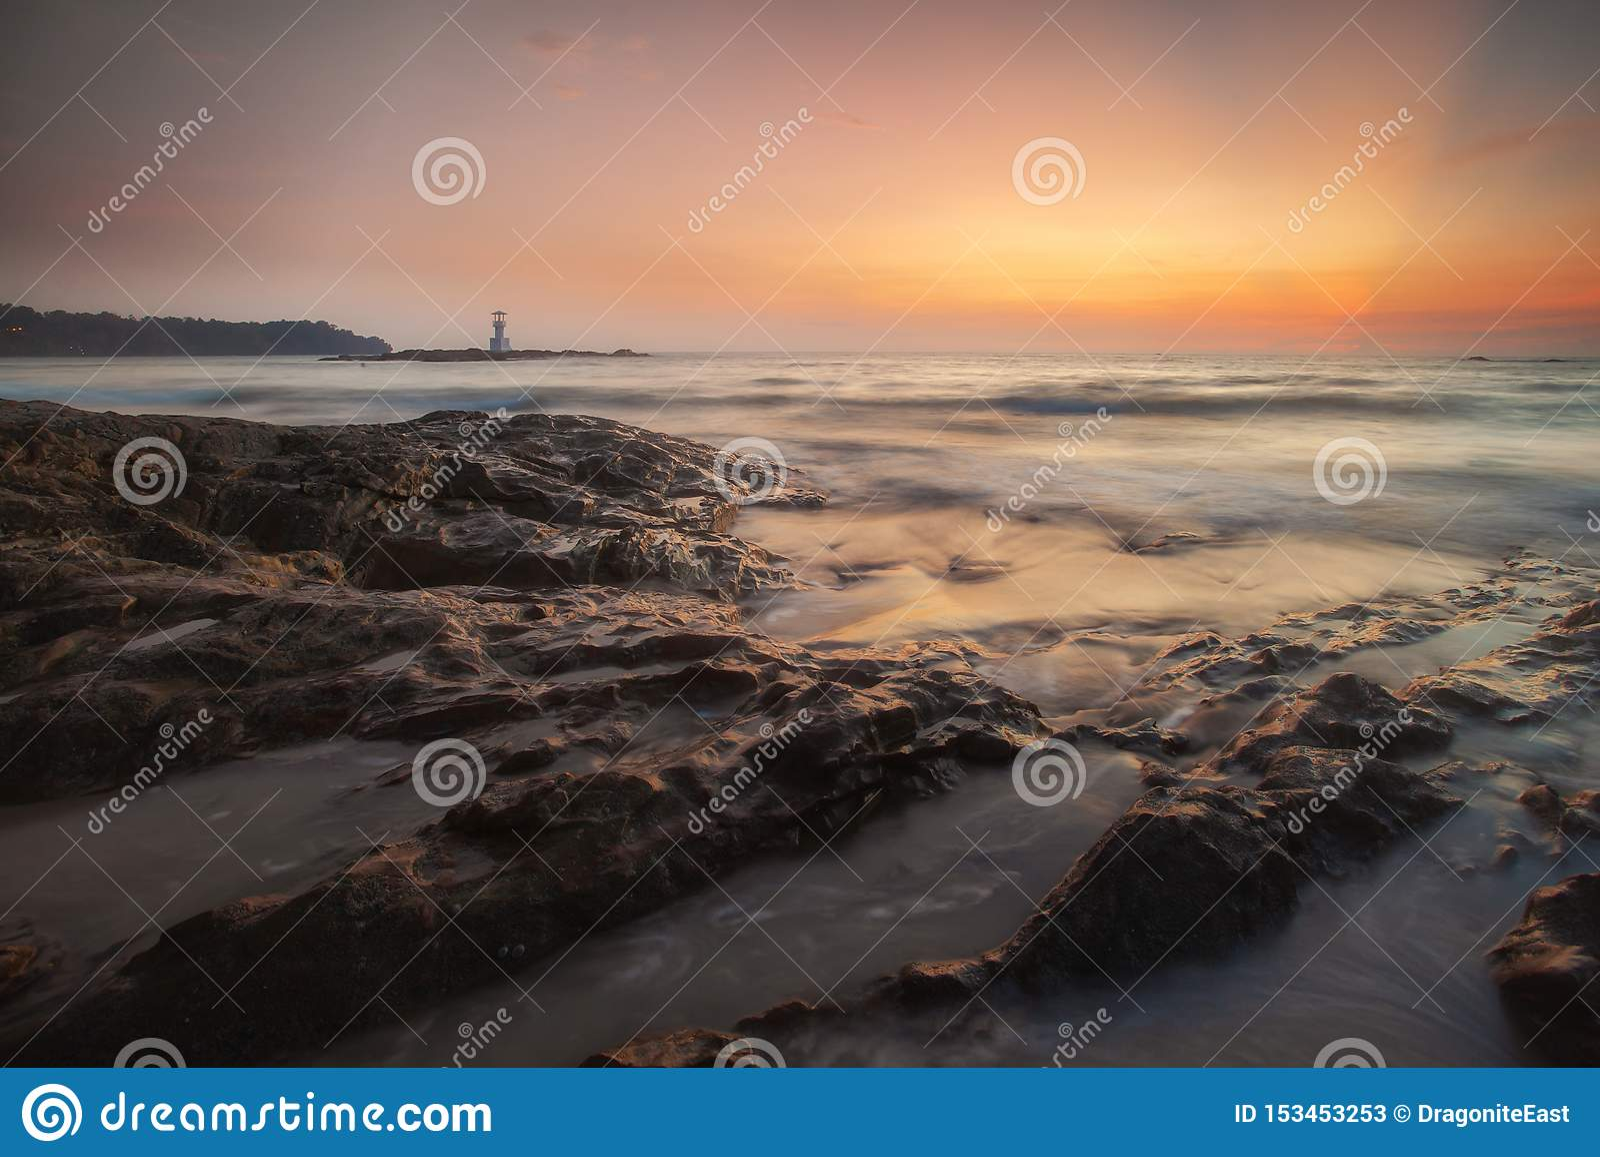 Khao Lak fyr och underbar himmelsolnedgång i det Andaman havet